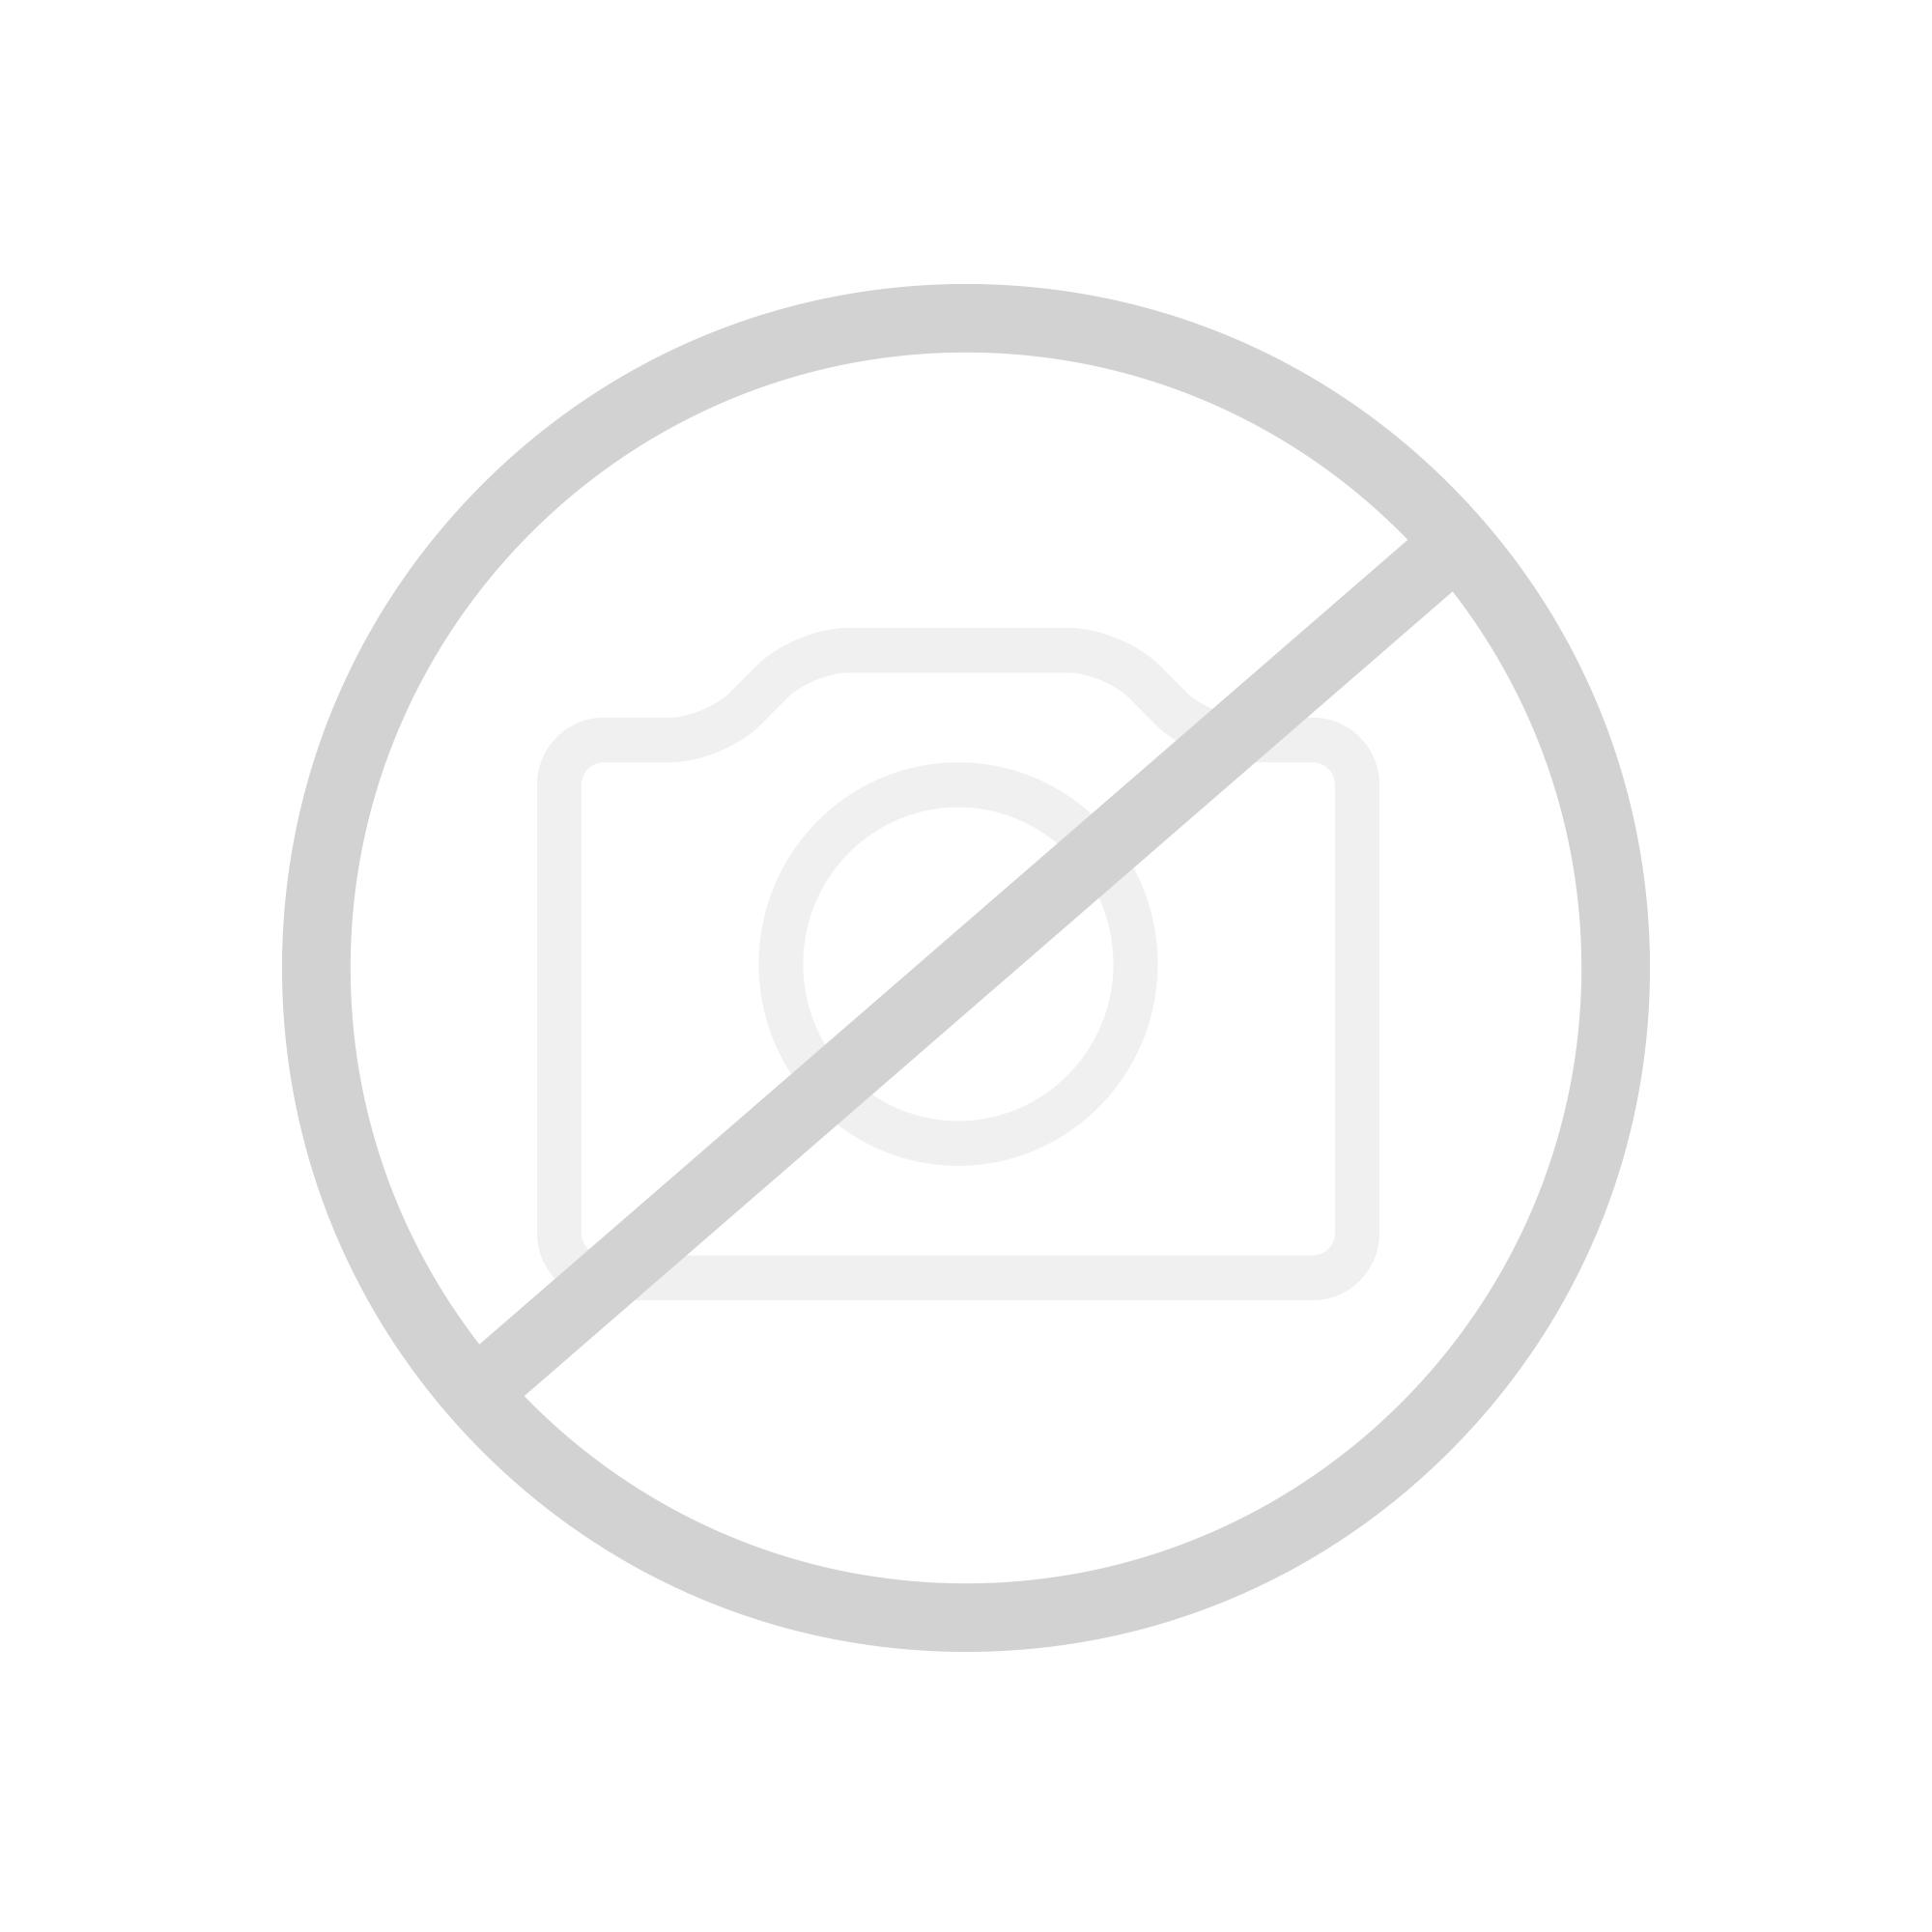 keramag icon waschtisch mit dekoschale wei 124050000 reuter onlineshop. Black Bedroom Furniture Sets. Home Design Ideas